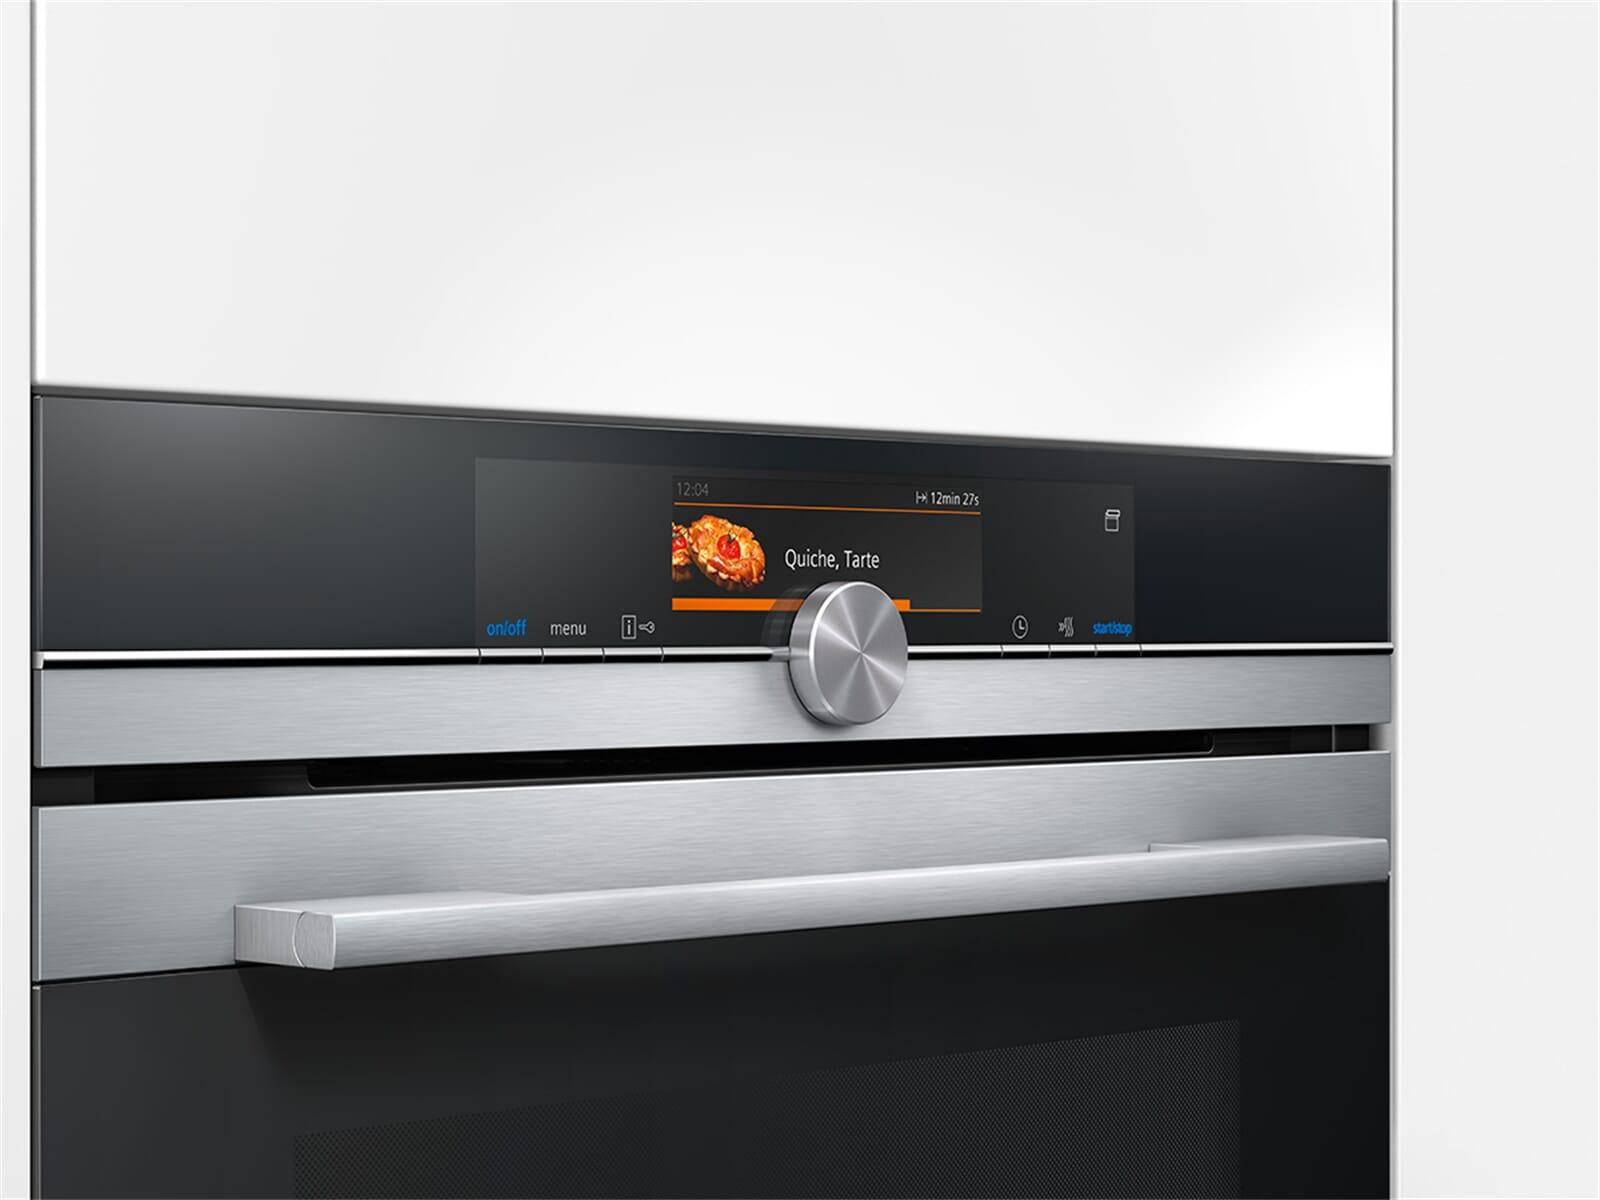 siemens hs636gds1 dampfgar backofen edelstahl f r 1248 90 eur. Black Bedroom Furniture Sets. Home Design Ideas